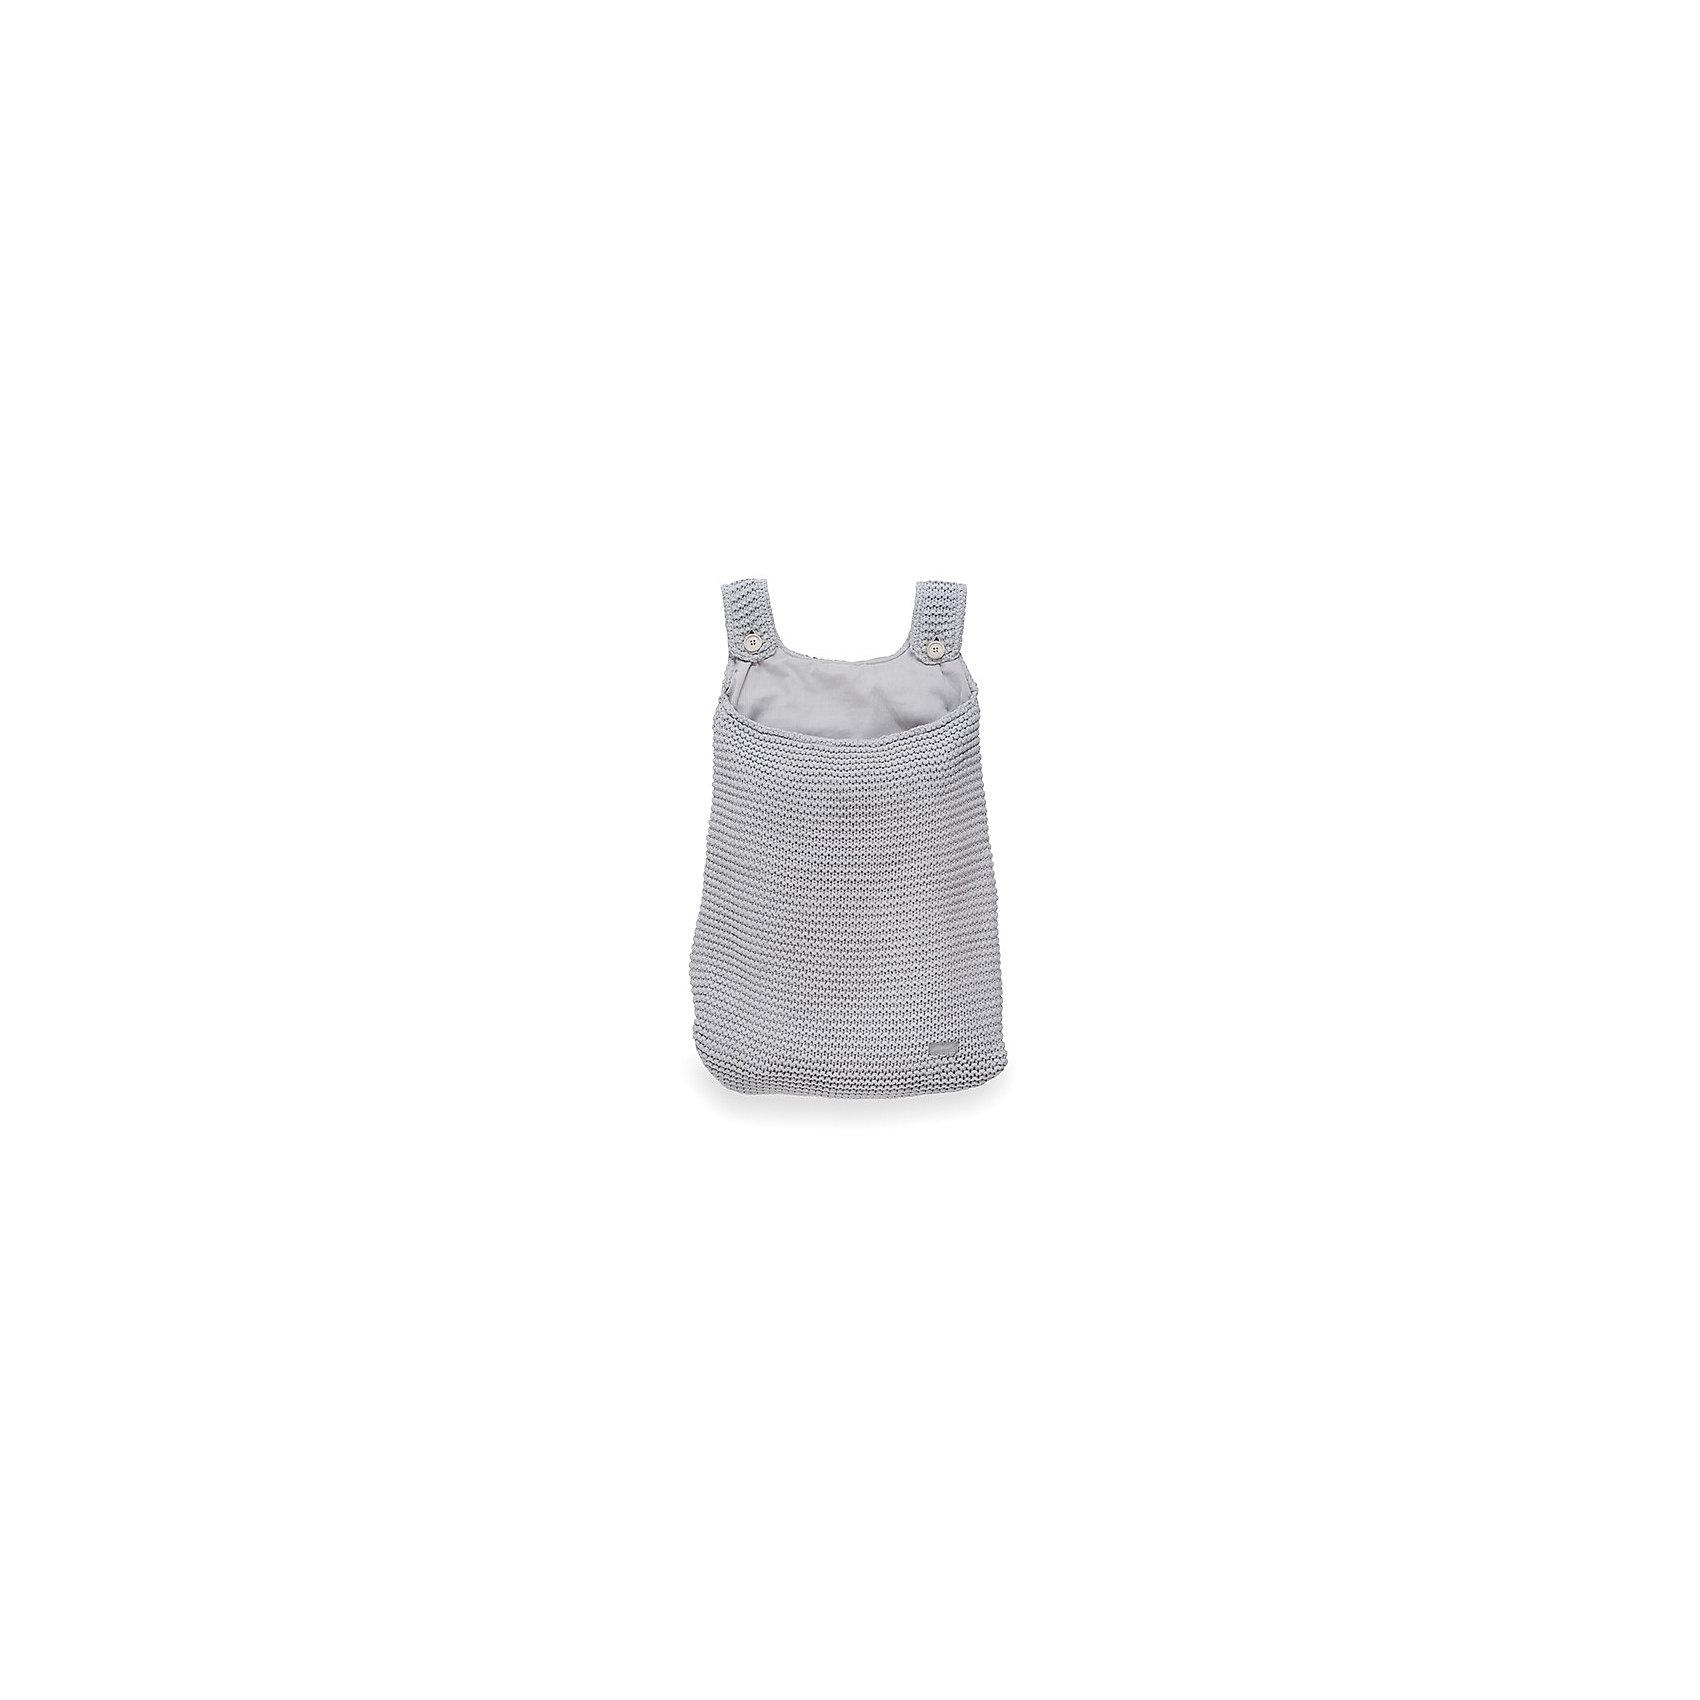 Сумка на кроватку, Jollein, Light greyПорядок в детской<br>Характеристики:<br><br>• Вид детского текстиля: сумка на детскую кроватку<br>• Предназначение: для хранения детских текстильных принадлежностей<br>• Пол: универсальный<br>• Коллекция: Heavy knit (Крупная вязка)<br>• Цвет: серый<br>• Тематика рисунка: без рисунка<br>• Крепится к кроватке за счет лямок на пуговицах<br>• Универсальный размер, подходит для любых моделей детских кроваток<br>• Материал: 50% хлопок, 50% акрил<br>• Размер: 50*40 см<br>• Особенности ухода: машинная или ручная стирка при температуре не более 30 градусов<br><br>Сумка на кроватку, Jollein, Light grey от торговой марки Жолляйн, которая является признанным лидером среди аналогичных брендов, выпускающих детское постельное белье и текстиль для новорожденных. Продукция этого торгового бренда отличается высоким качеством и дизайнерским стилем. Сумка на кроватку Jollein, Blue выполнена из вязаного полотна, в состав которого входит хлопок и акрил. Такое сочетание обеспечивает прочность и долговечность изделия: оно не потеряет форму и на нем не будут образовываться катышки даже при частных стирках и длительной эксплуатации. <br><br>Изделие выполнено в форме сумки с двумя лямками на пуговицах, с помощью которых она крепится к бортику кроватки. У сумки имеется подклад. Изделие имеет дизайнерский стиль марки Жолляйн – сдержанный минимализм: однотонное полотно, выполненное крупной вязкой. <br>Сумка на кроватку, Jollein, Light grey – это не только порядок и уют, это еще и стильный аксессуар для детской комнаты вашего малыша! <br><br>Сумку на кроватку, Jollein, Light grey можно купить в нашем интернет-магазине.<br><br>Ширина мм: 250<br>Глубина мм: 400<br>Высота мм: 50<br>Вес г: 500<br>Возраст от месяцев: 0<br>Возраст до месяцев: 36<br>Пол: Унисекс<br>Возраст: Детский<br>SKU: 5367095